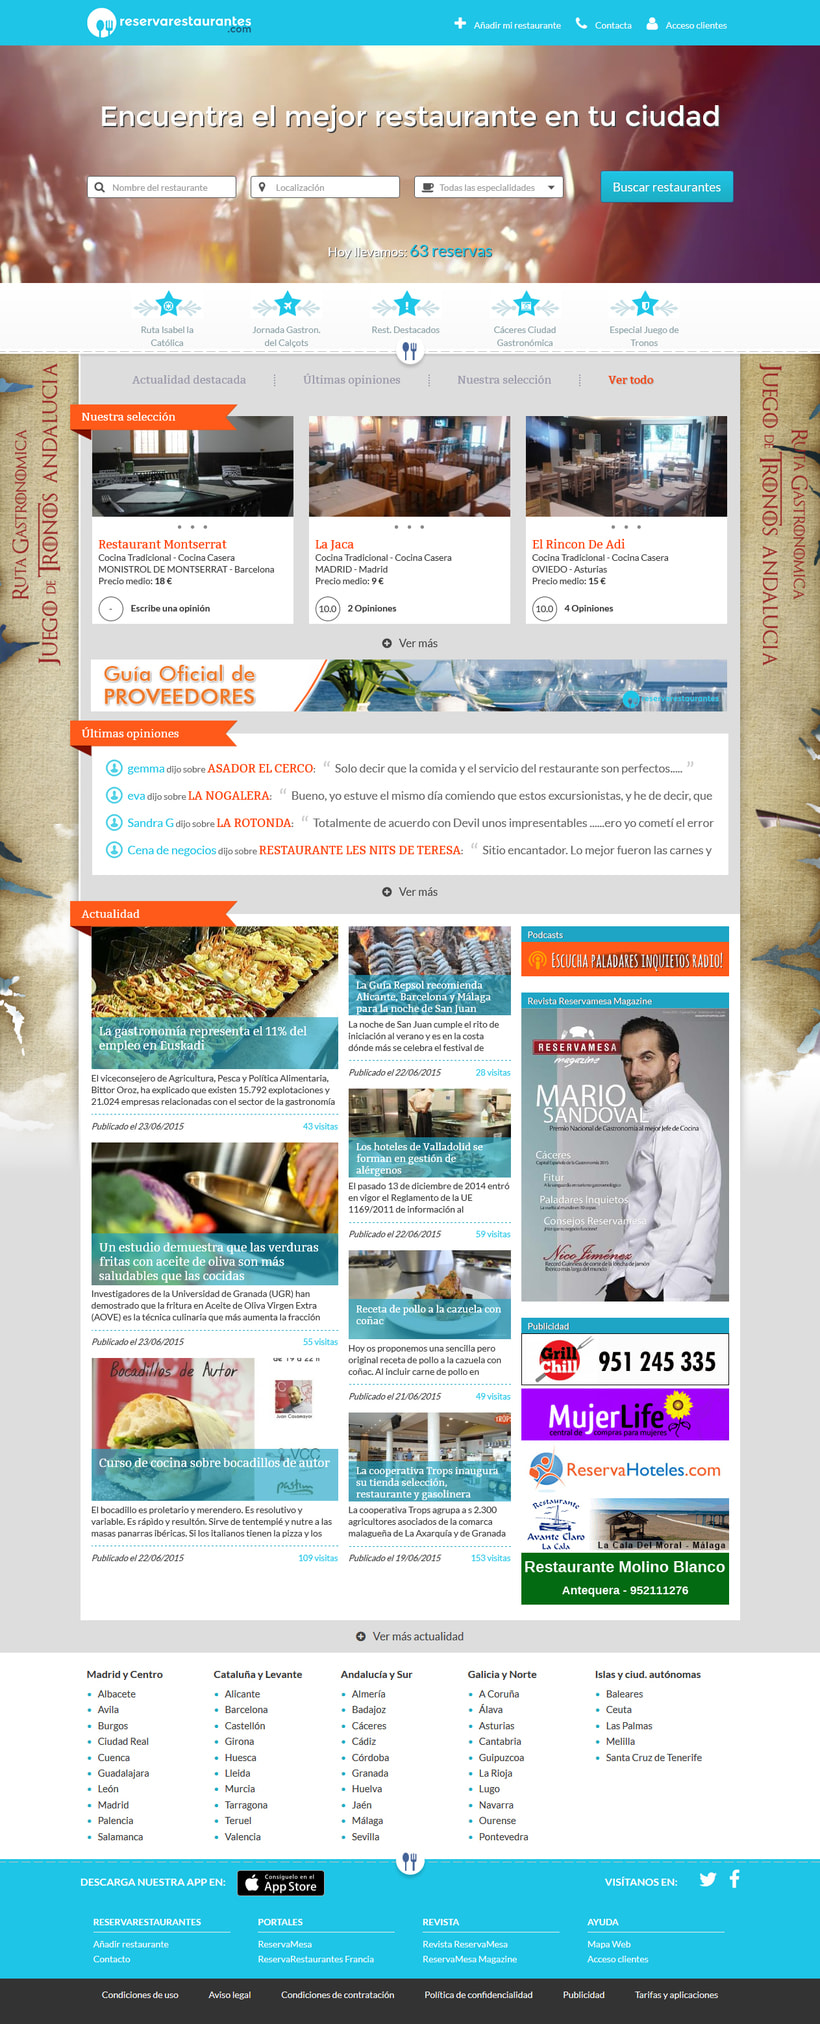 Boceto web reservarestaurantes.com -1